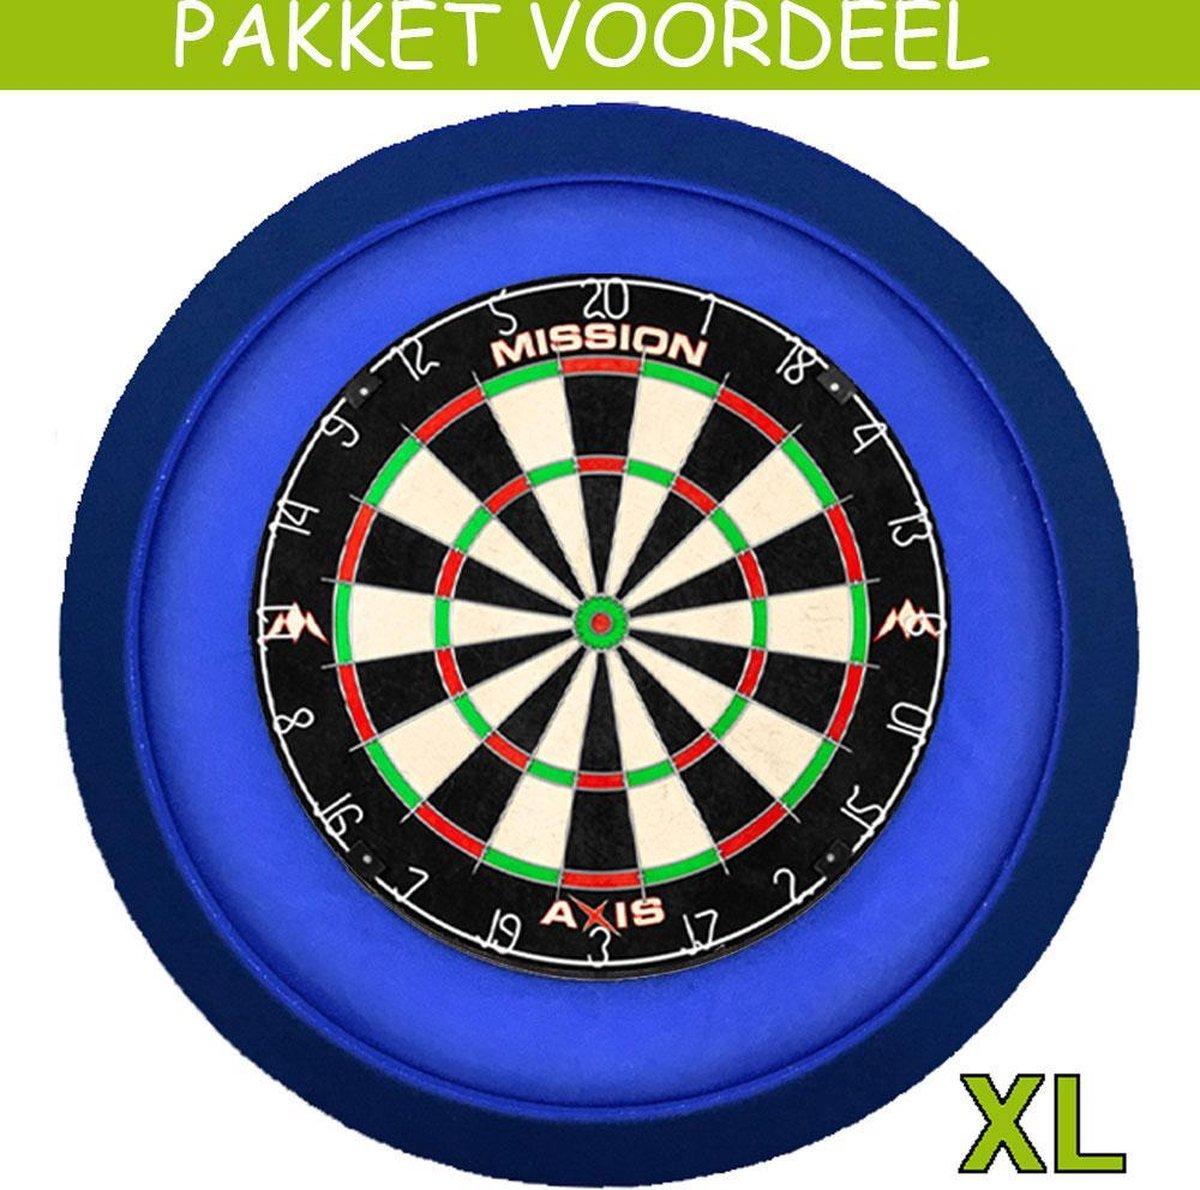 Dartbord met Verlichting Voordeelpakket (Blauw) + Mission Axis + Lena DeLuxe XL